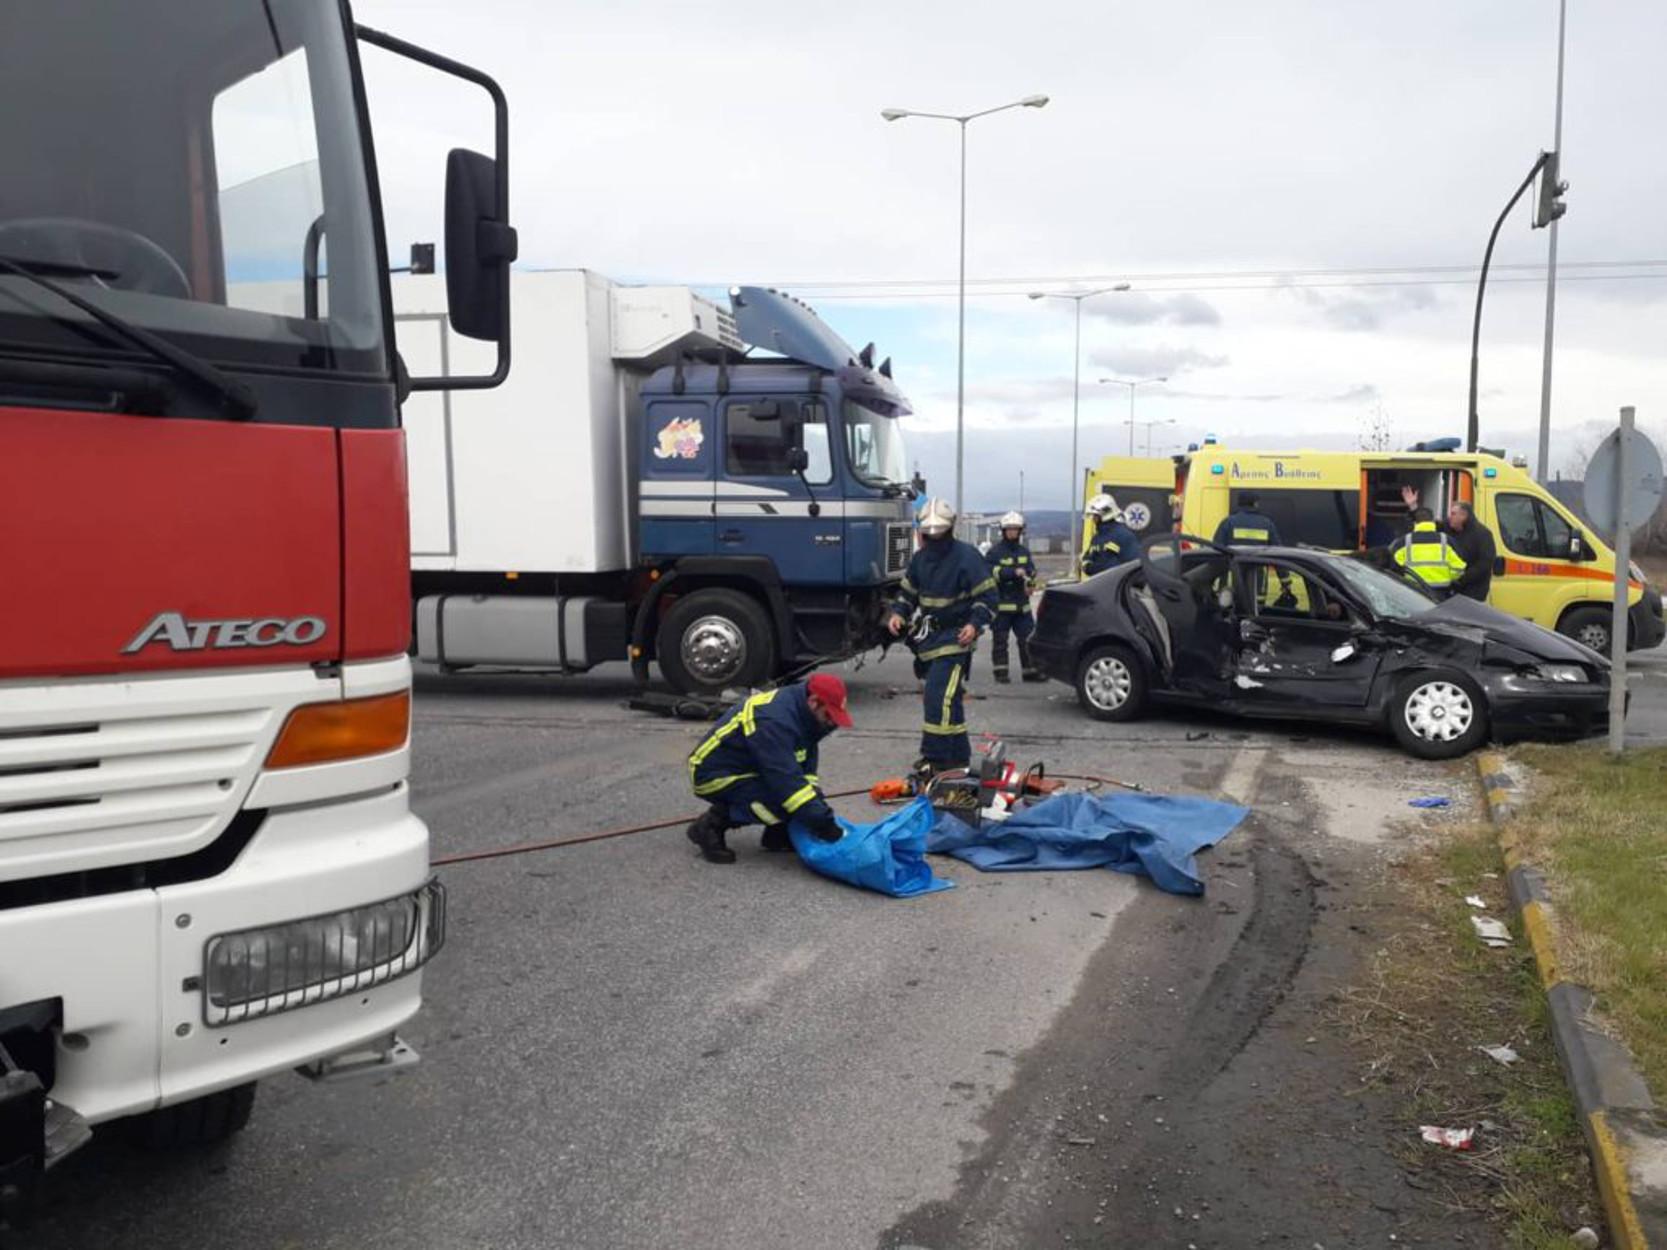 Τρίκαλα: Νταλίκα παρέσυρε αυτοκίνητο! Σε σοβαρή κατάσταση η οδηγός [pics]